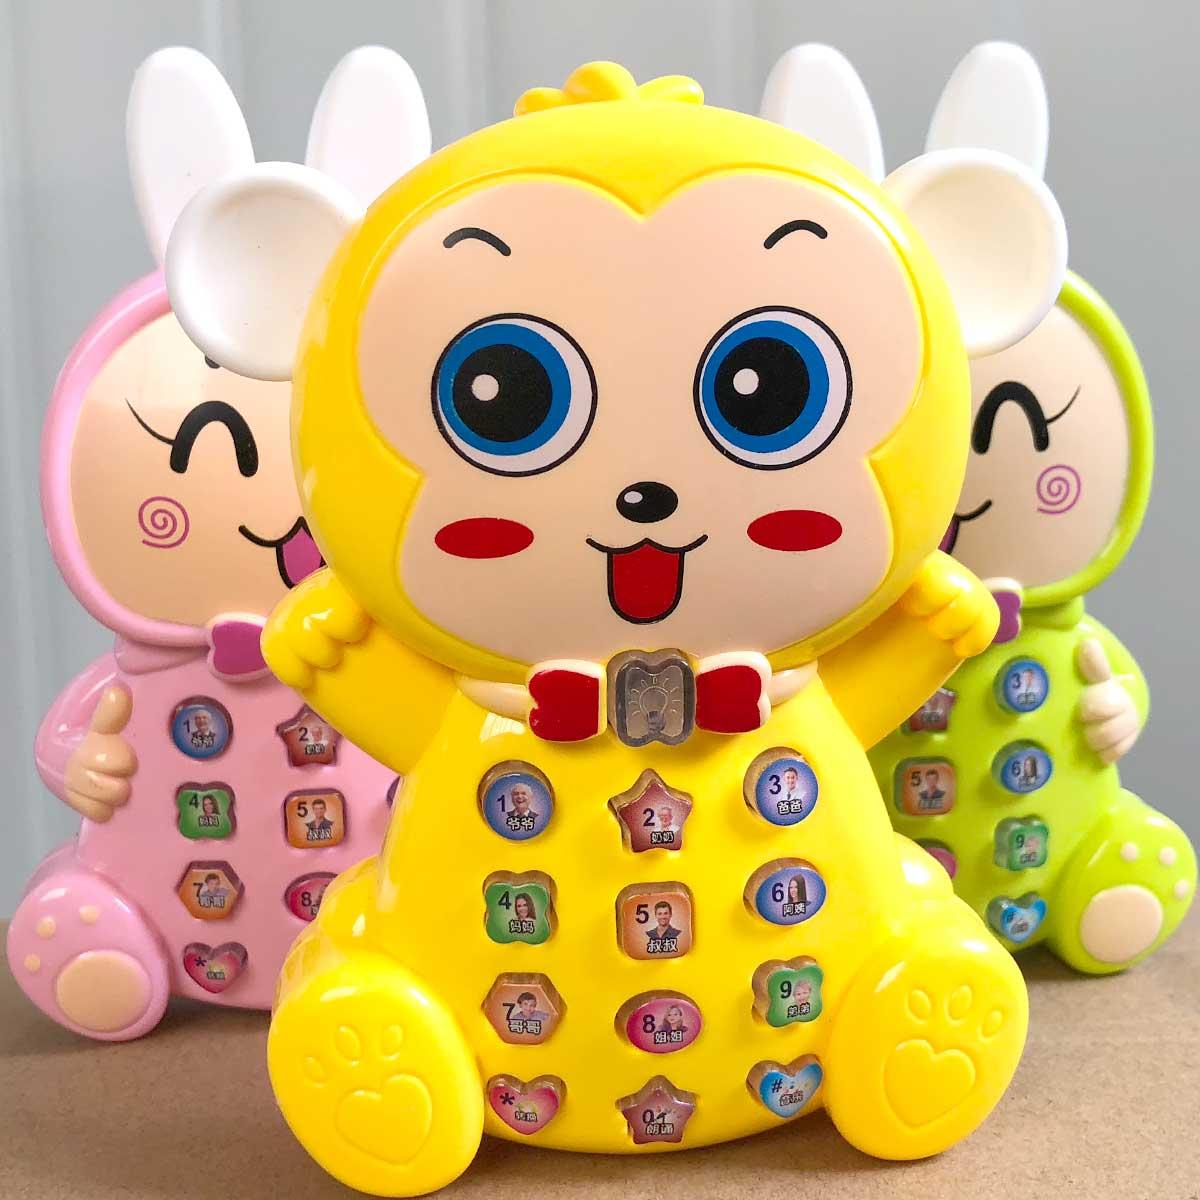 Máy giáo dục sớm cho bé 0-3 tuổi Câu đố con thỏ câu chuyện máy đồ chơi bé thỏ chơi nhạc - Đồ chơi giáo dục sớm / robot